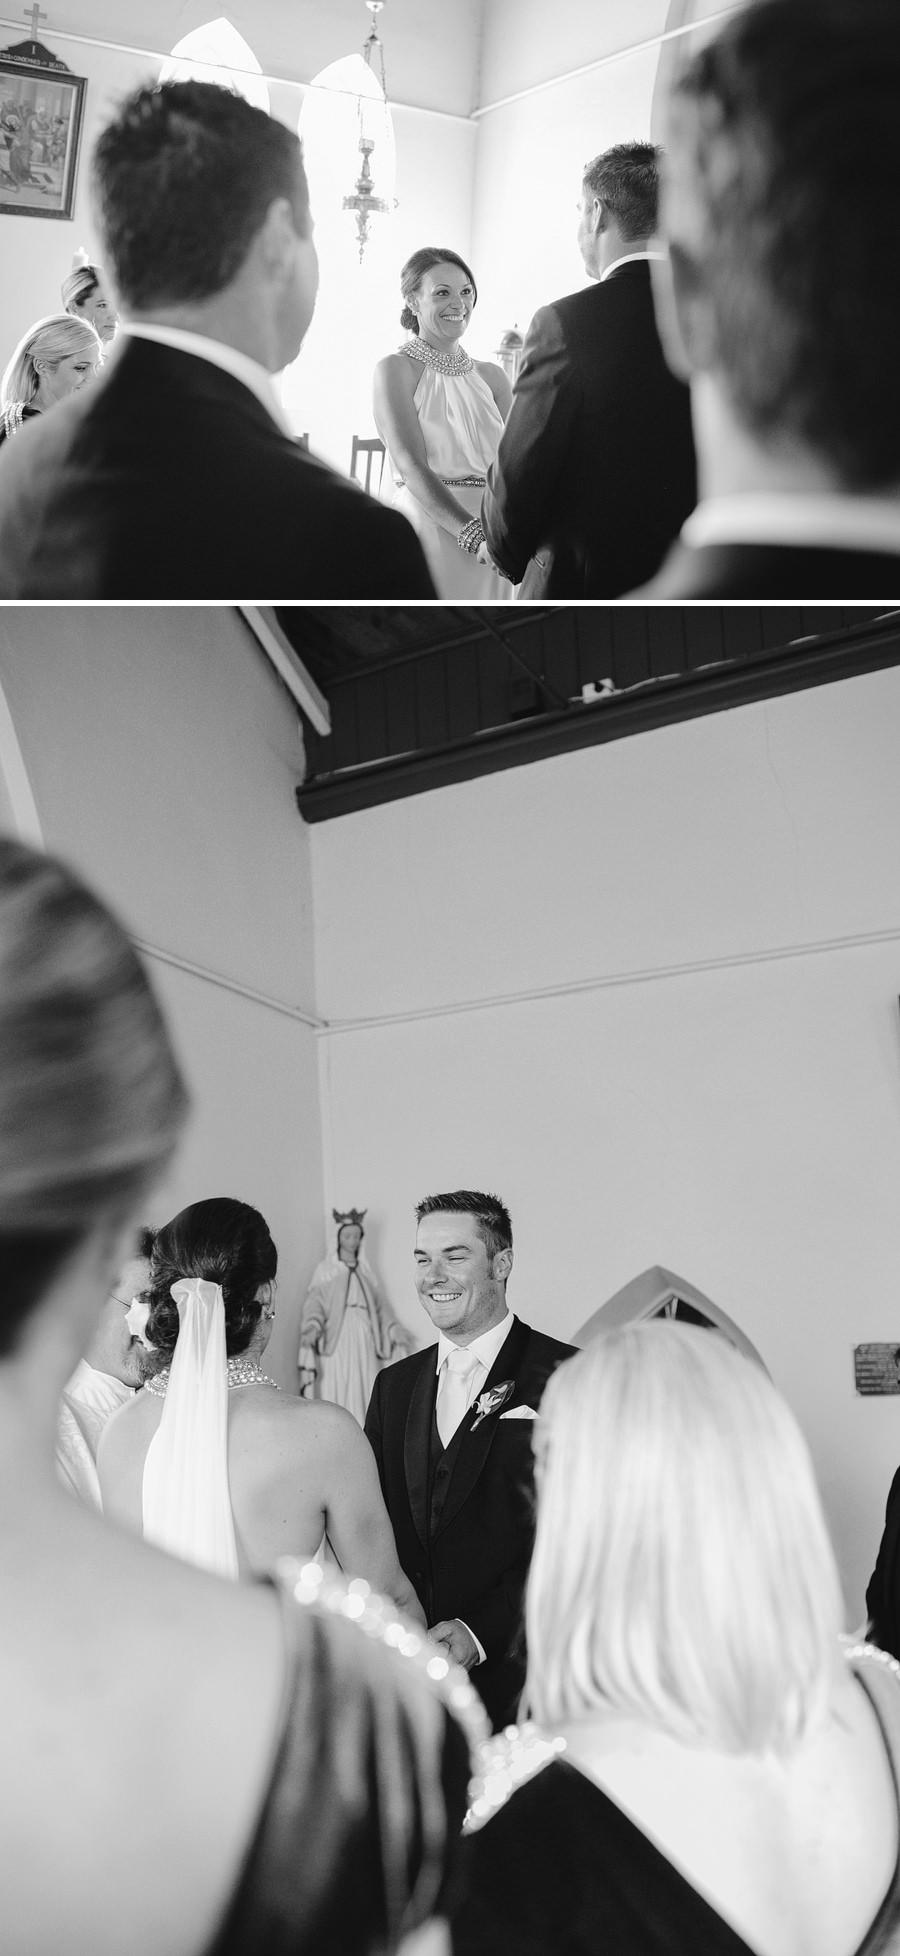 Catholic Wedding Photography: Ceremony